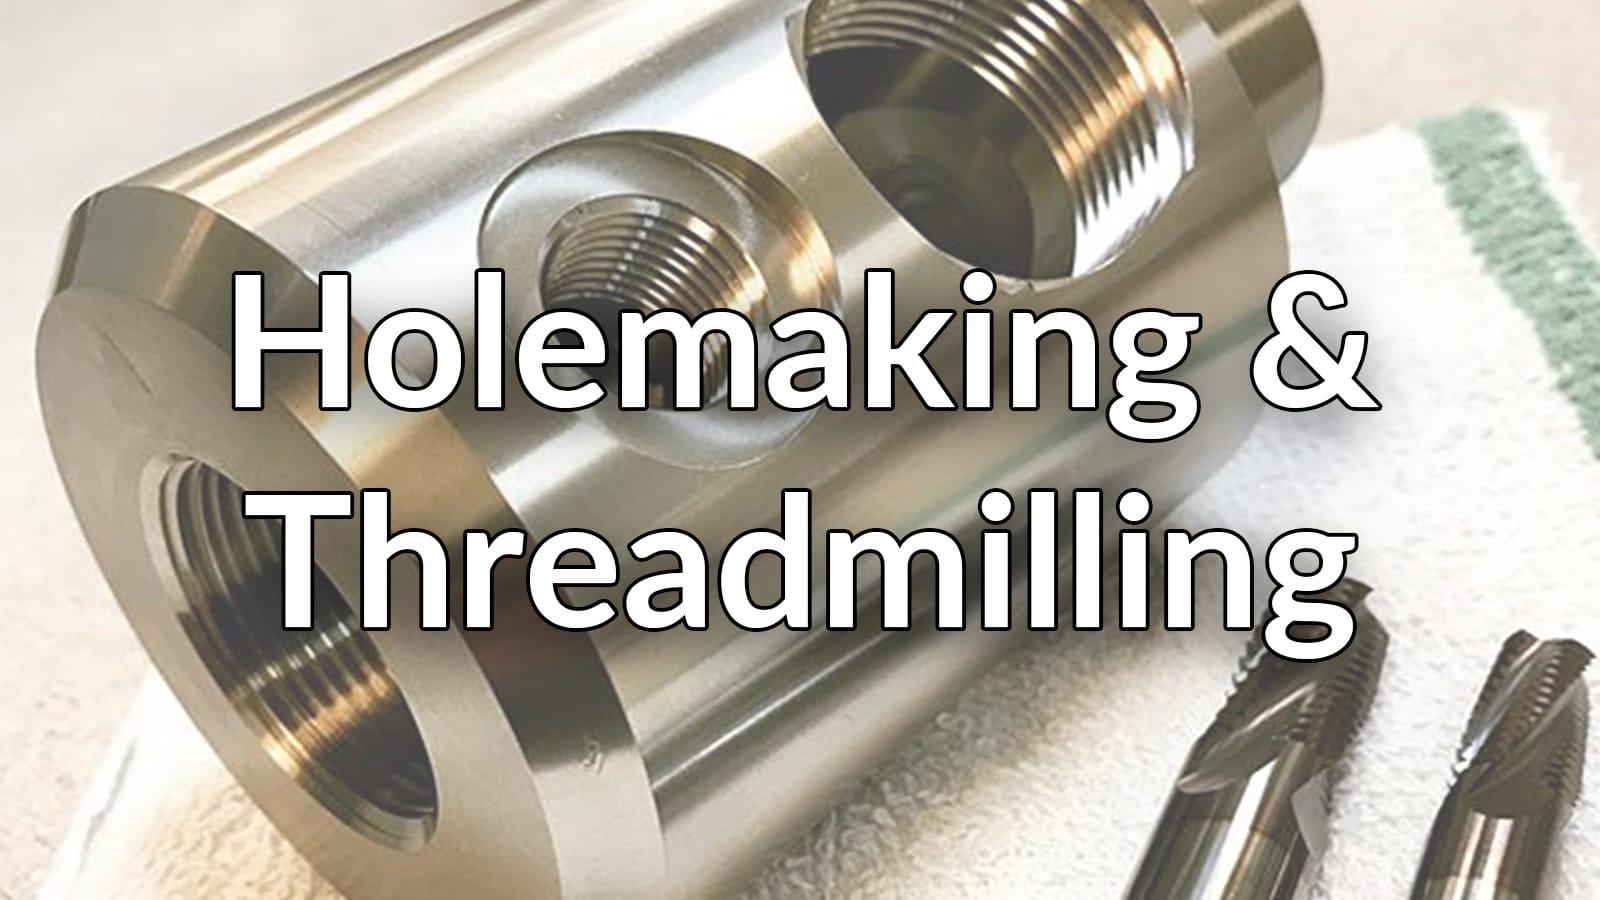 cnc holemaking